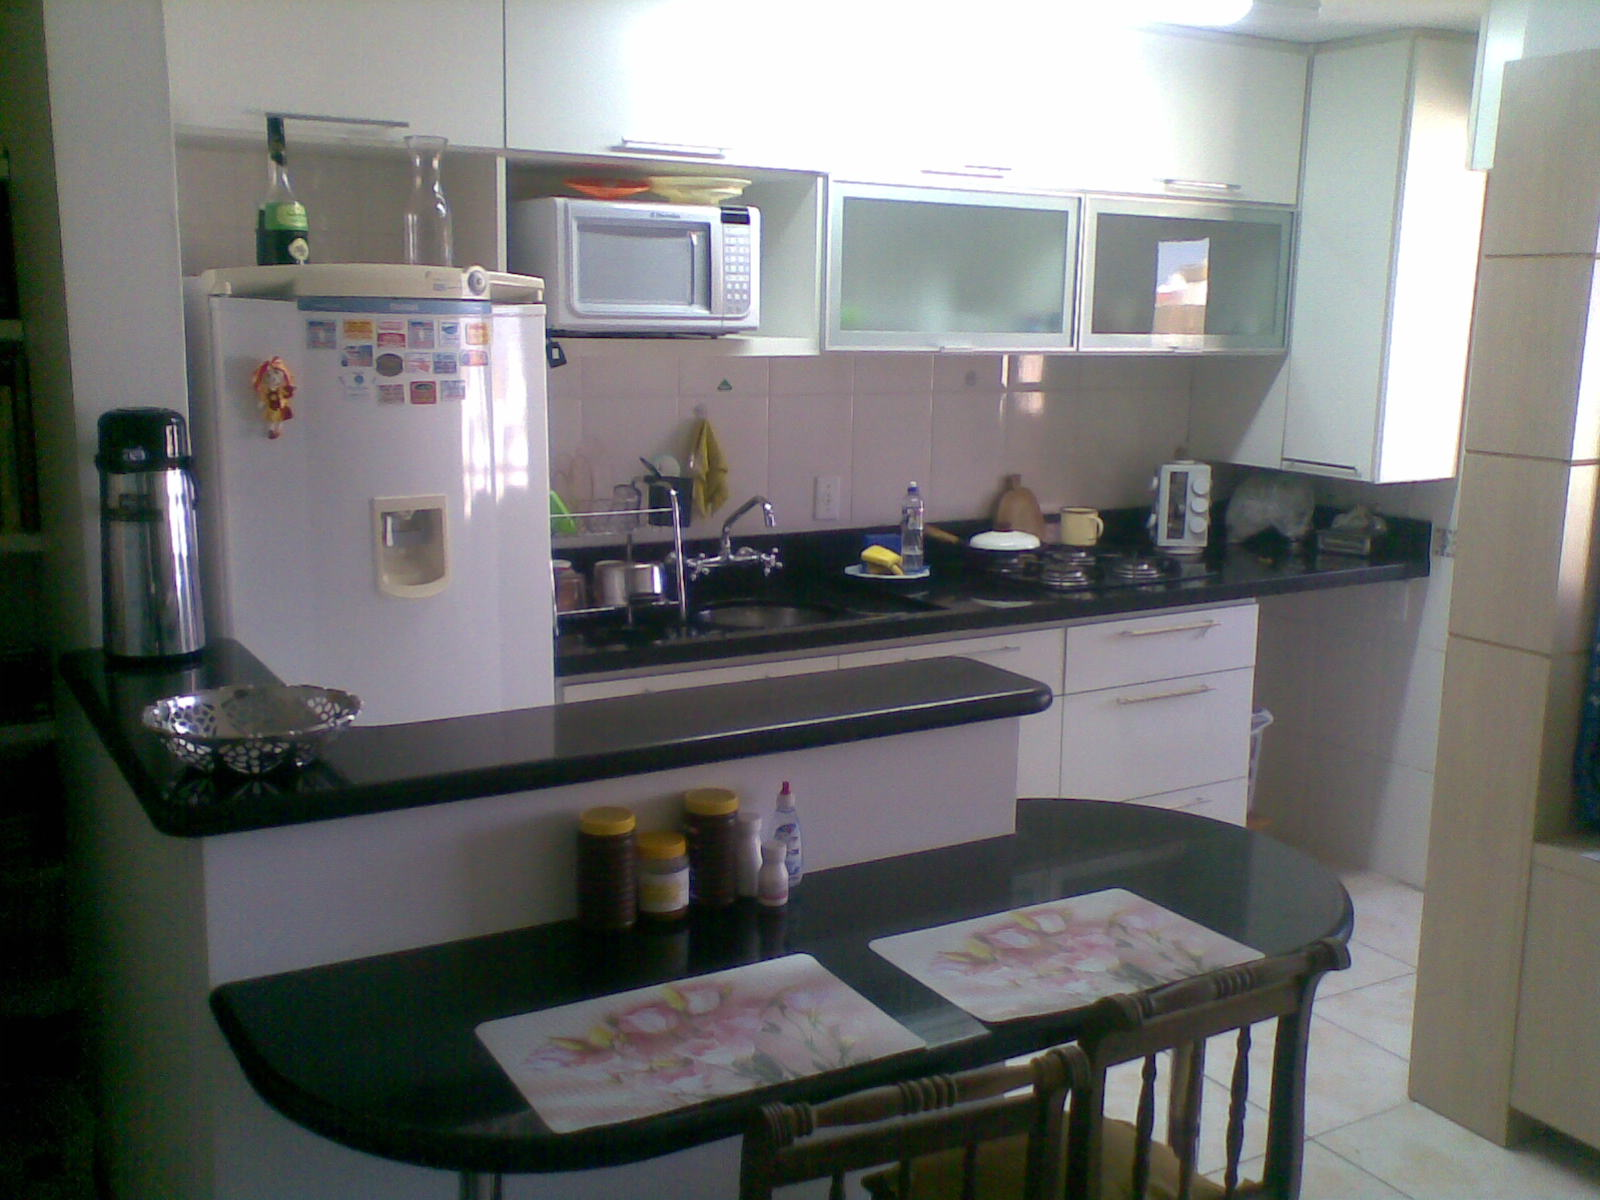 Pin Cozinha Mobiliada Area De Tanque Ventilador Teto No Quarto E Na on  #675E4C 1600 1200